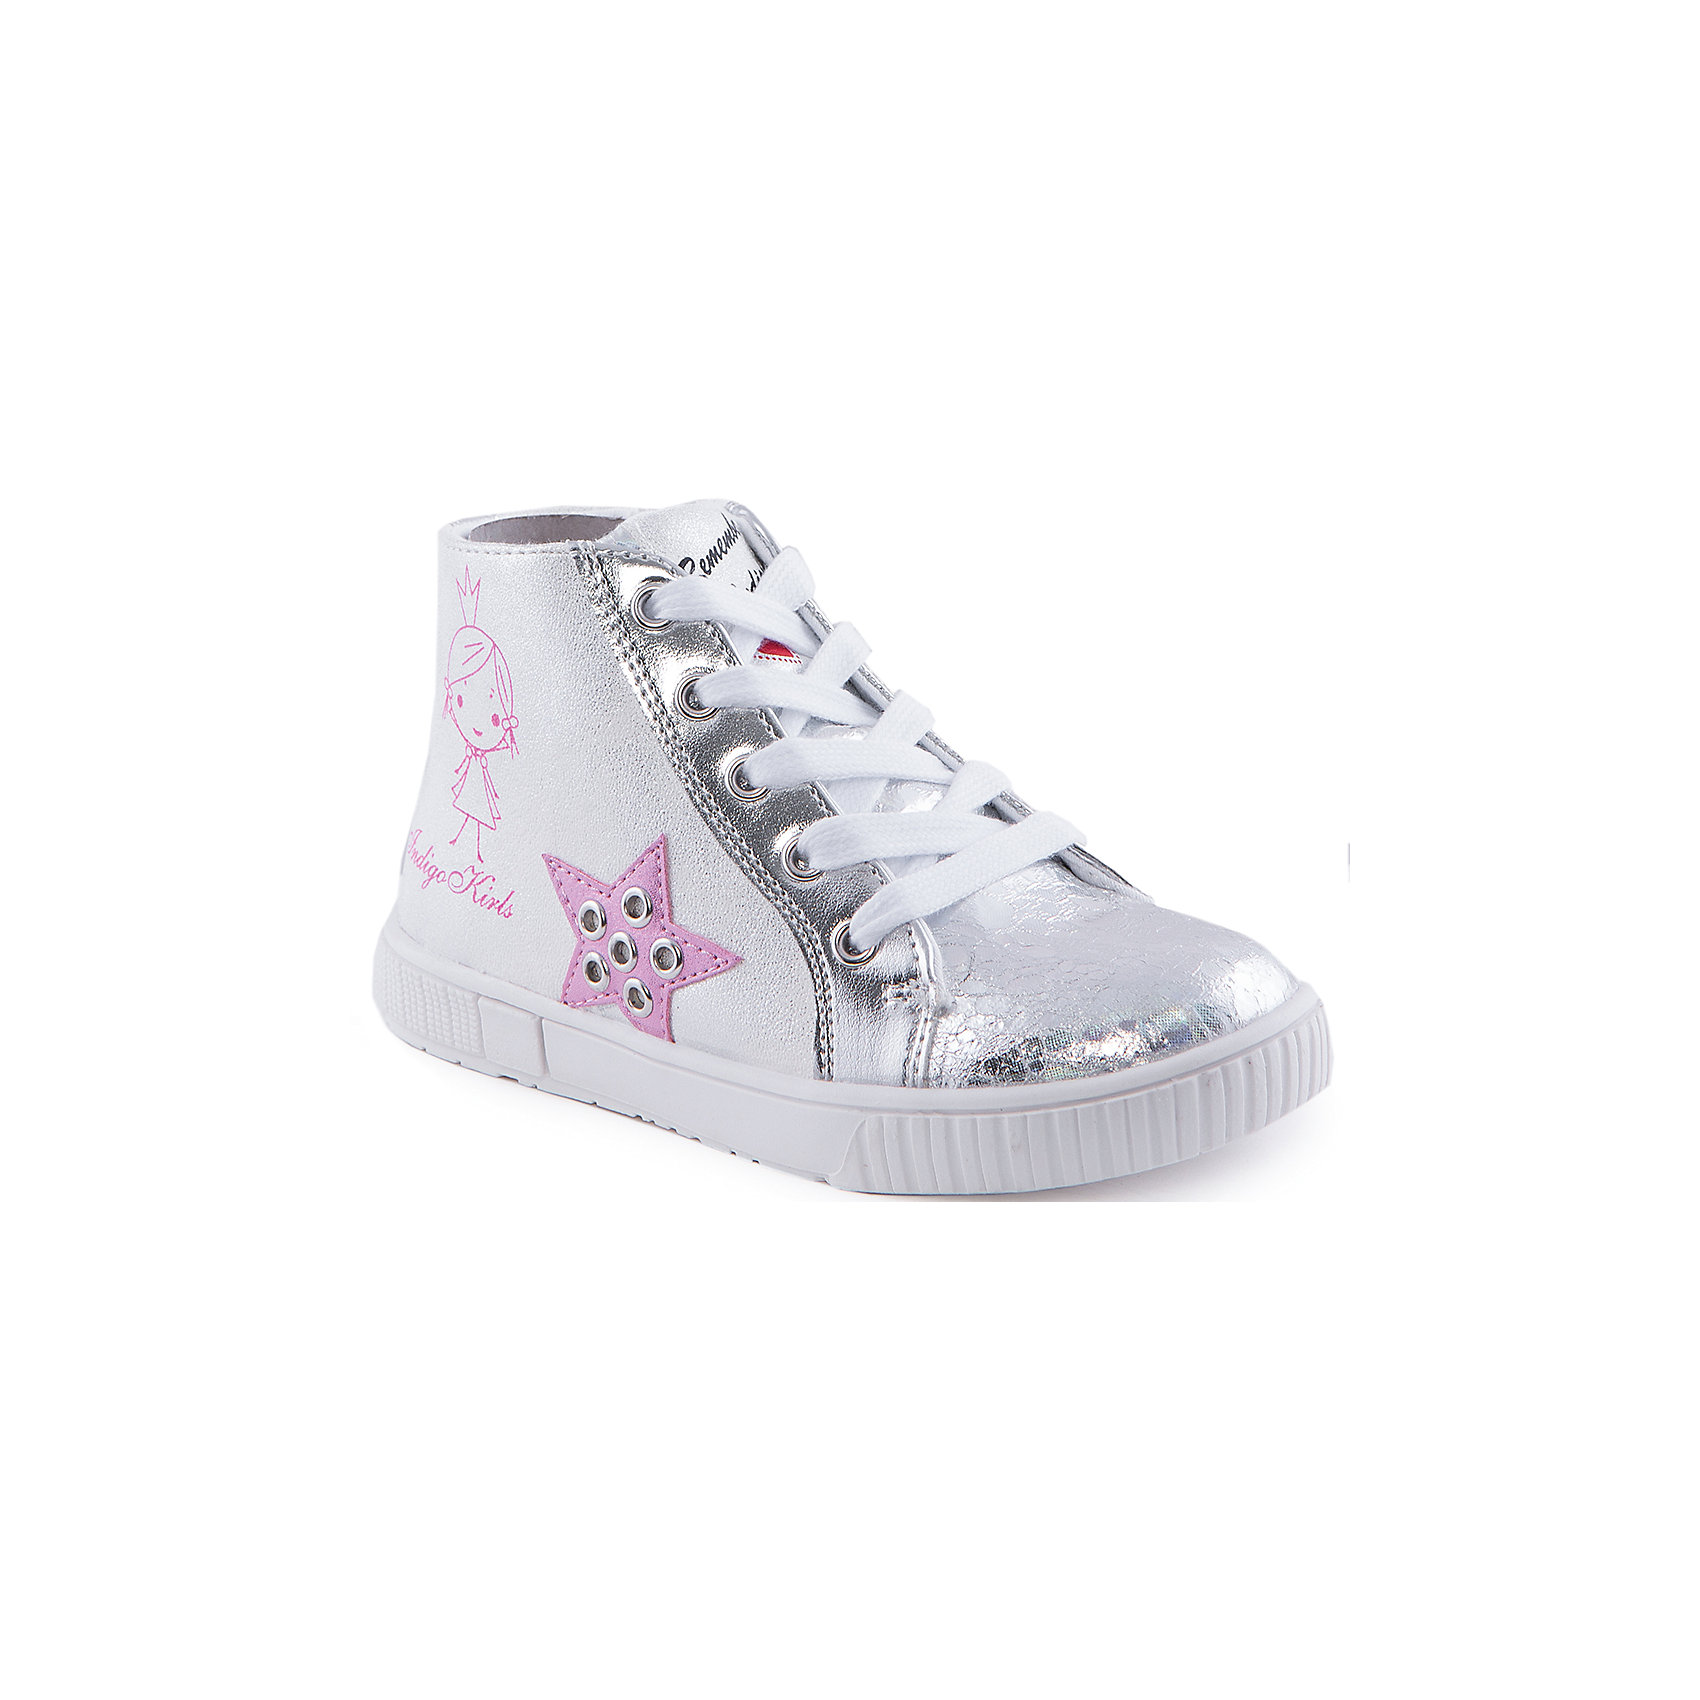 Ботинки для девочки Indigo kidsБотинки для девочки от известного бренда Indigo kids<br><br>Оригинальные полуботинки помогут создать интересный образ! Необычный дизайн делает эту модель стильной и привлекающей внимание. Они легко надеваются и комфортно садятся по ноге. <br><br>Особенности модели:<br><br>- цвет - серебристый, блестящие;<br>- стильный дизайн;<br>- удобная колодка;<br>- текстильная подкладка;<br>- устойчивая белая подошва;<br>- аппликация с металлическими элементами и принт;<br>- шнуровка, молния.<br><br>Дополнительная информация:<br><br>Состав:<br><br>верх – искусственная кожа;<br>подкладка - текстиль;<br>подошва - ТЭП.<br><br>Ботинки для девочки Indigo kids (Индиго Кидс) можно купить в нашем магазине.<br><br>Ширина мм: 262<br>Глубина мм: 176<br>Высота мм: 97<br>Вес г: 427<br>Цвет: серебряный<br>Возраст от месяцев: 36<br>Возраст до месяцев: 48<br>Пол: Женский<br>Возраст: Детский<br>Размер: 26,27,29,30,31,28<br>SKU: 4520090